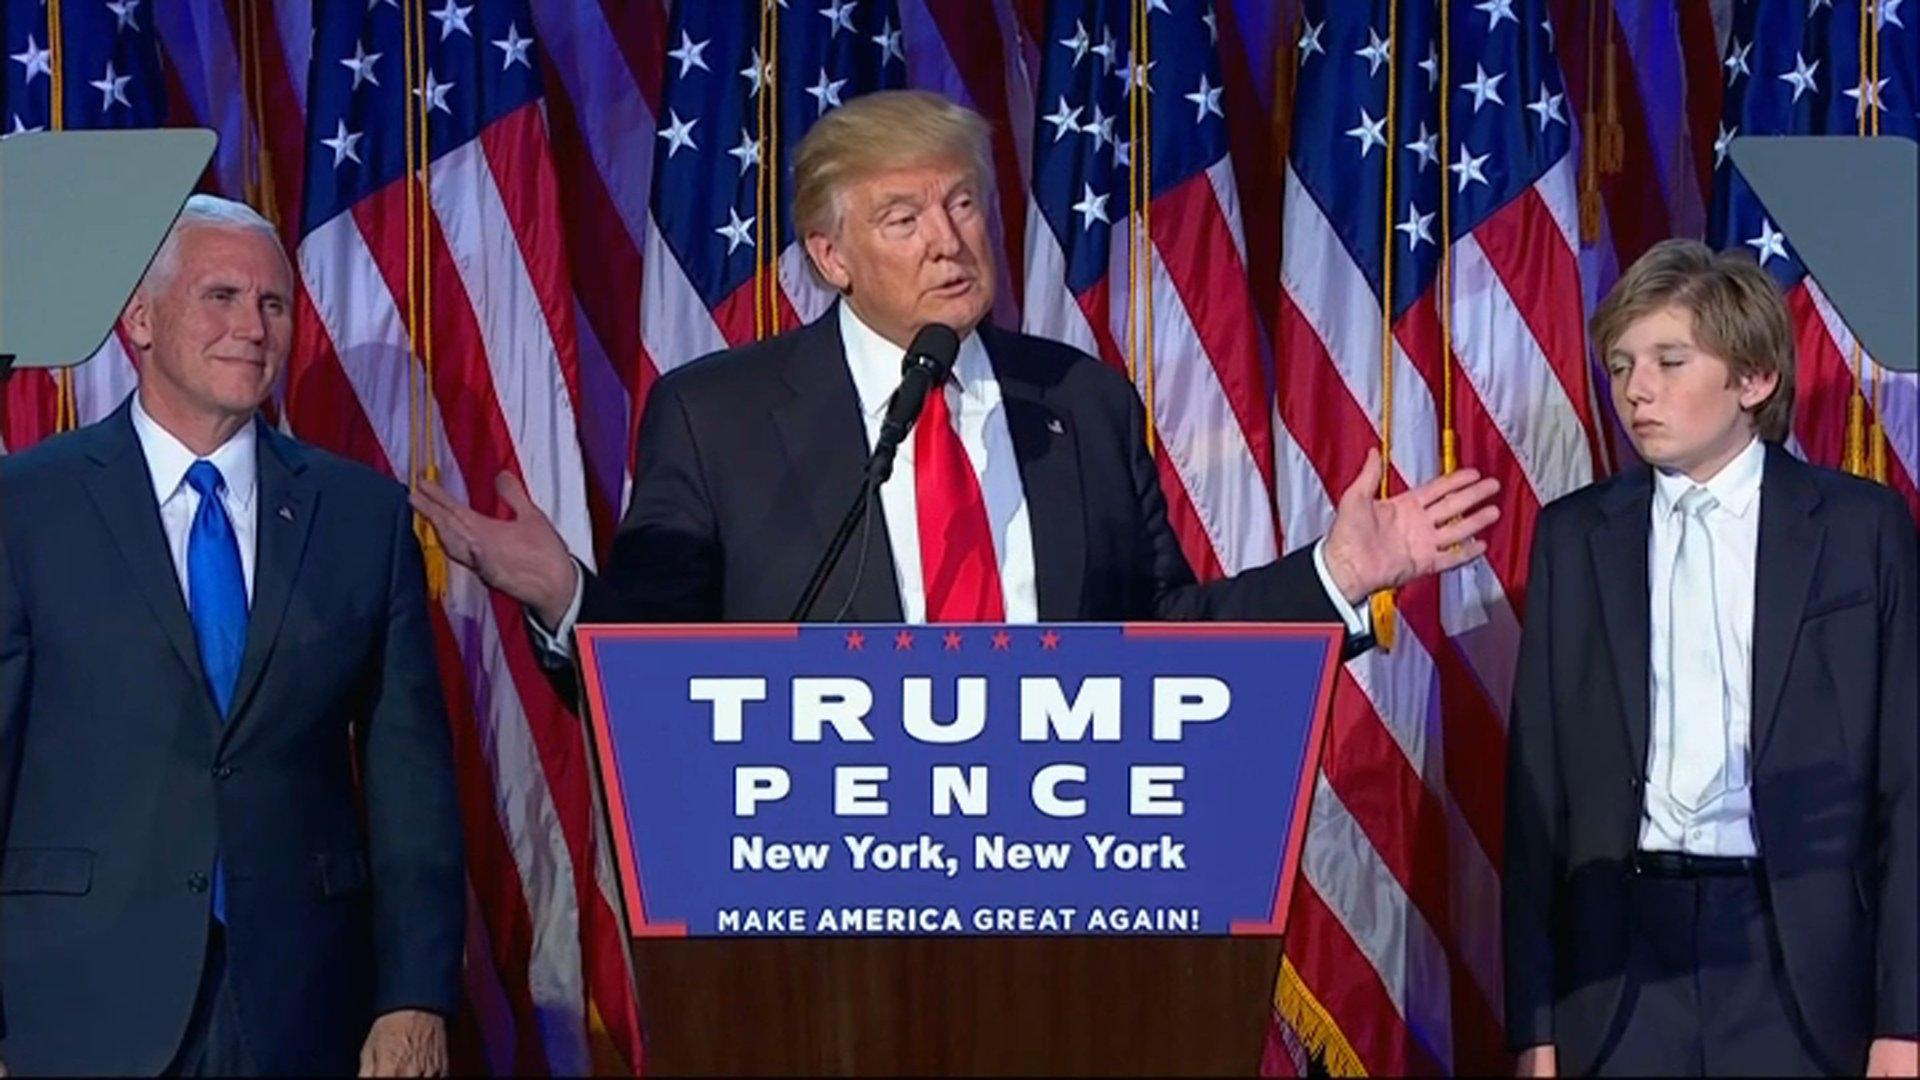 Le choc : Donald Trump élu 45e président des Etats-Unis